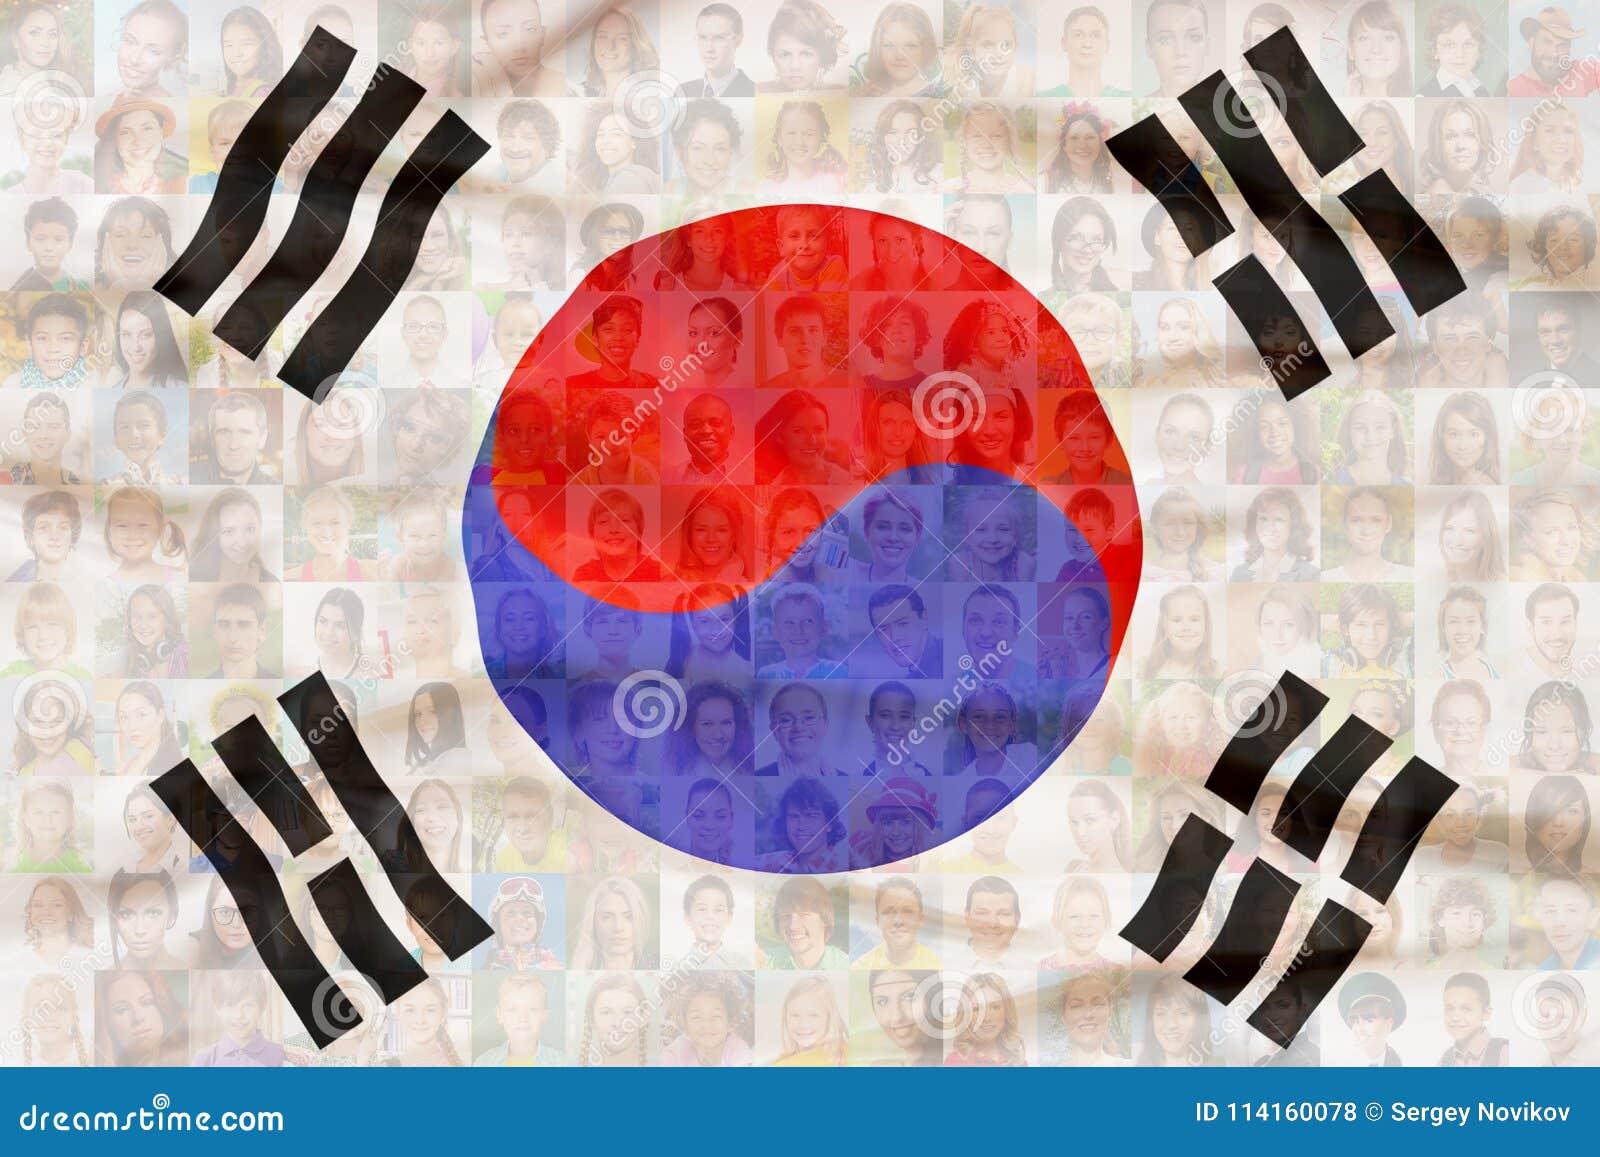 Vele diverse gezichten op de nationale vlag van Zuid-Korea